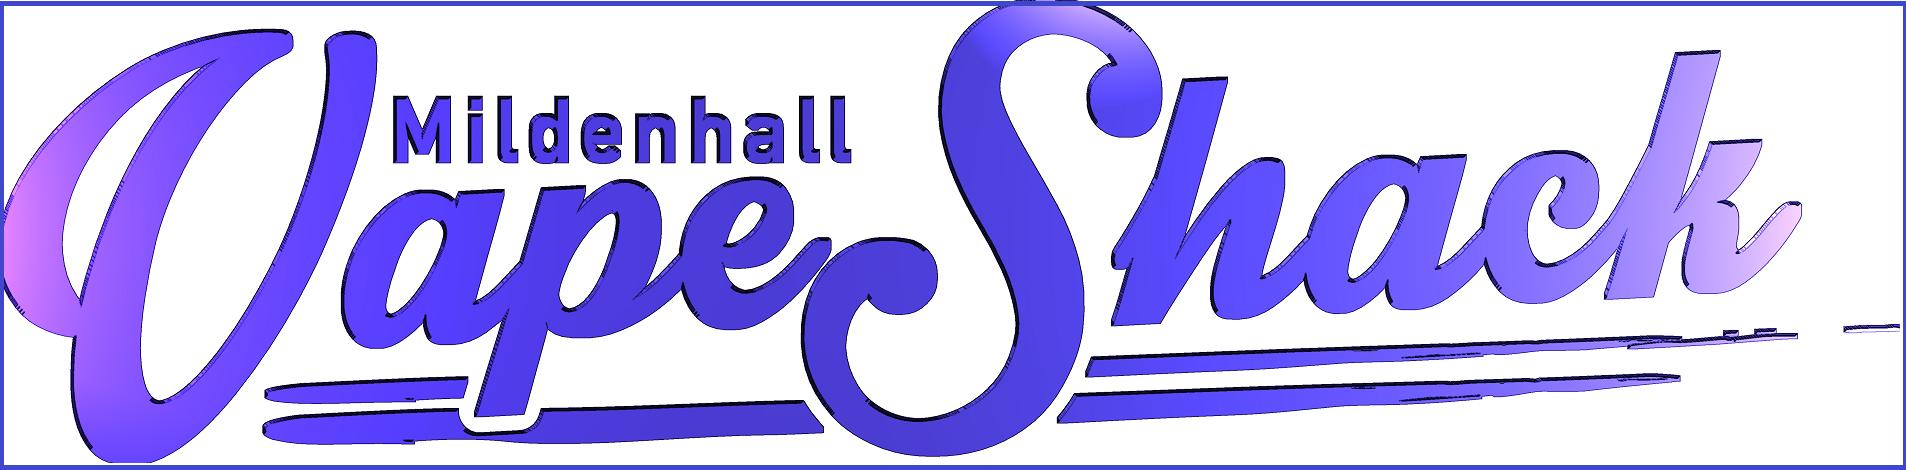 Vape Shack in Mildenhall, Suffolk, UK's online store logo